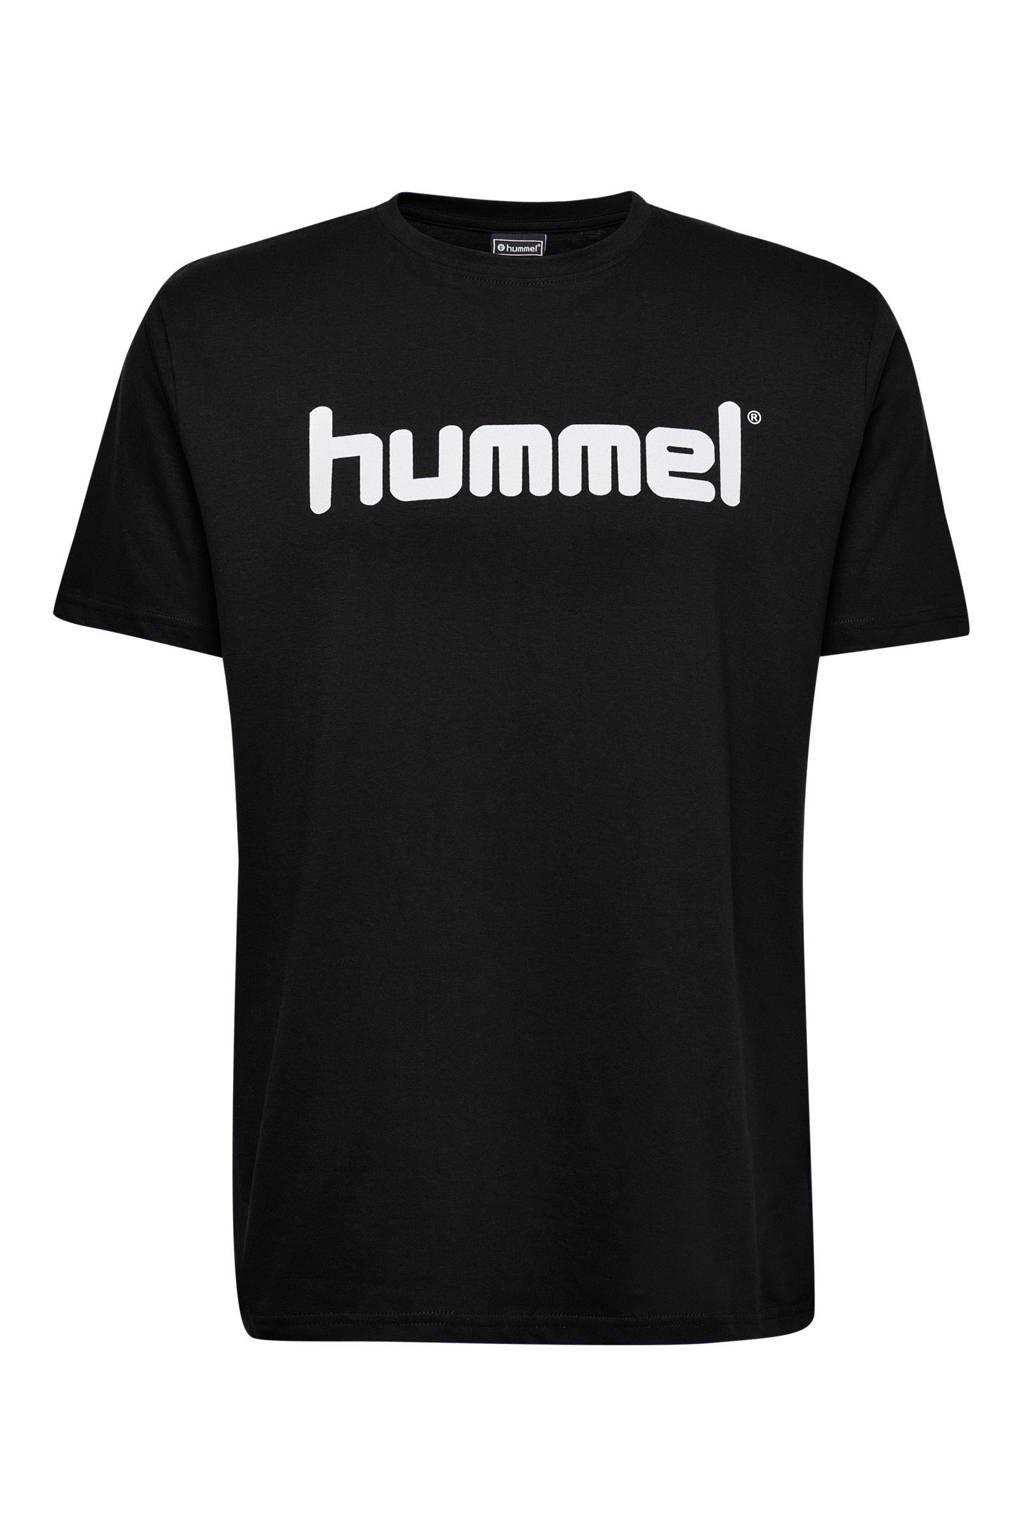 hummel T-shirt met logo zwart, Zwart